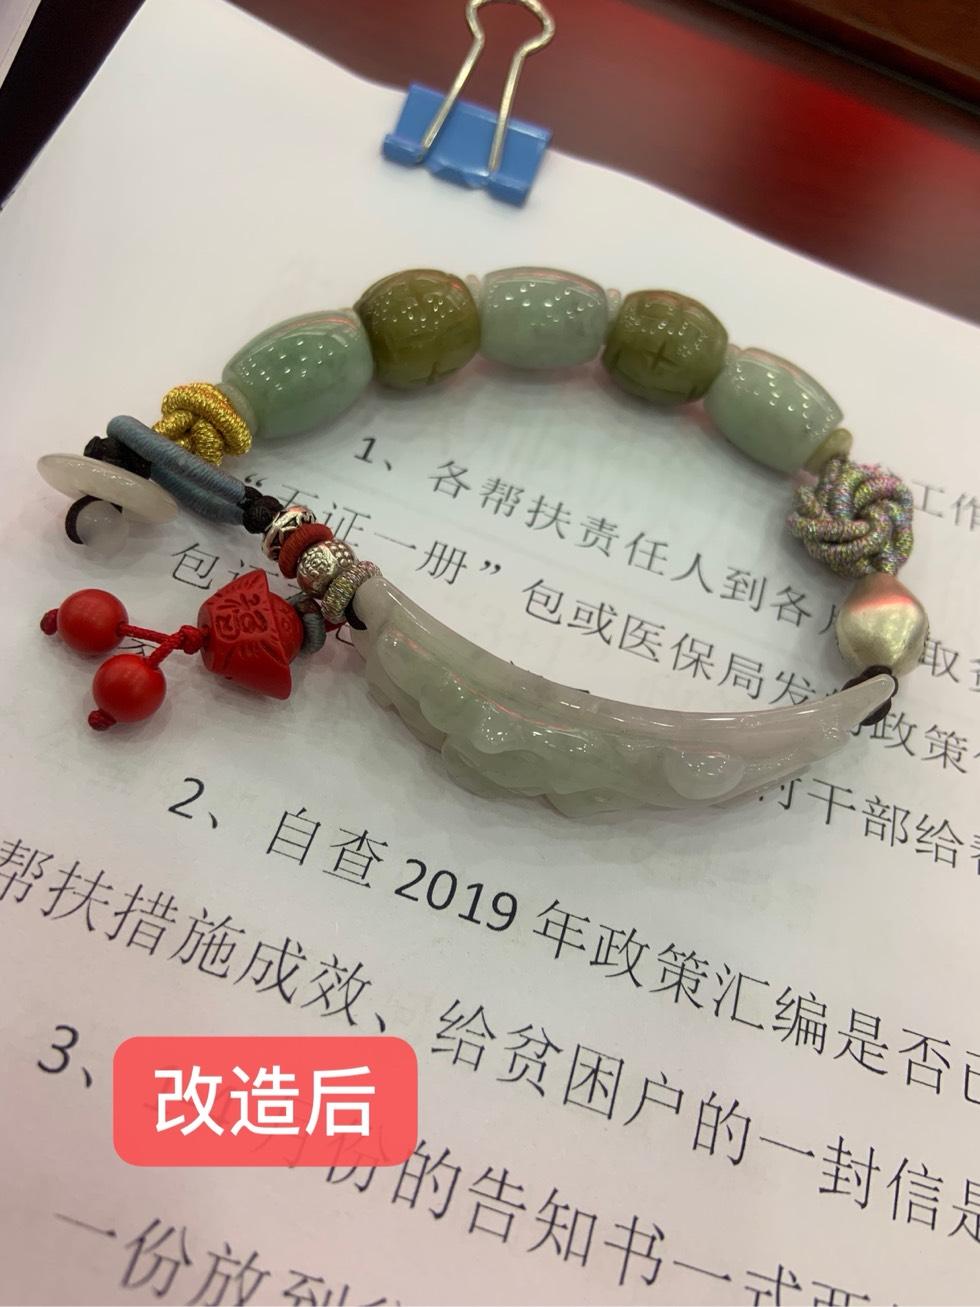 中国结论坛 改造手牌吊坠  作品展示 224017wrwhjhhxhhhhzr6x